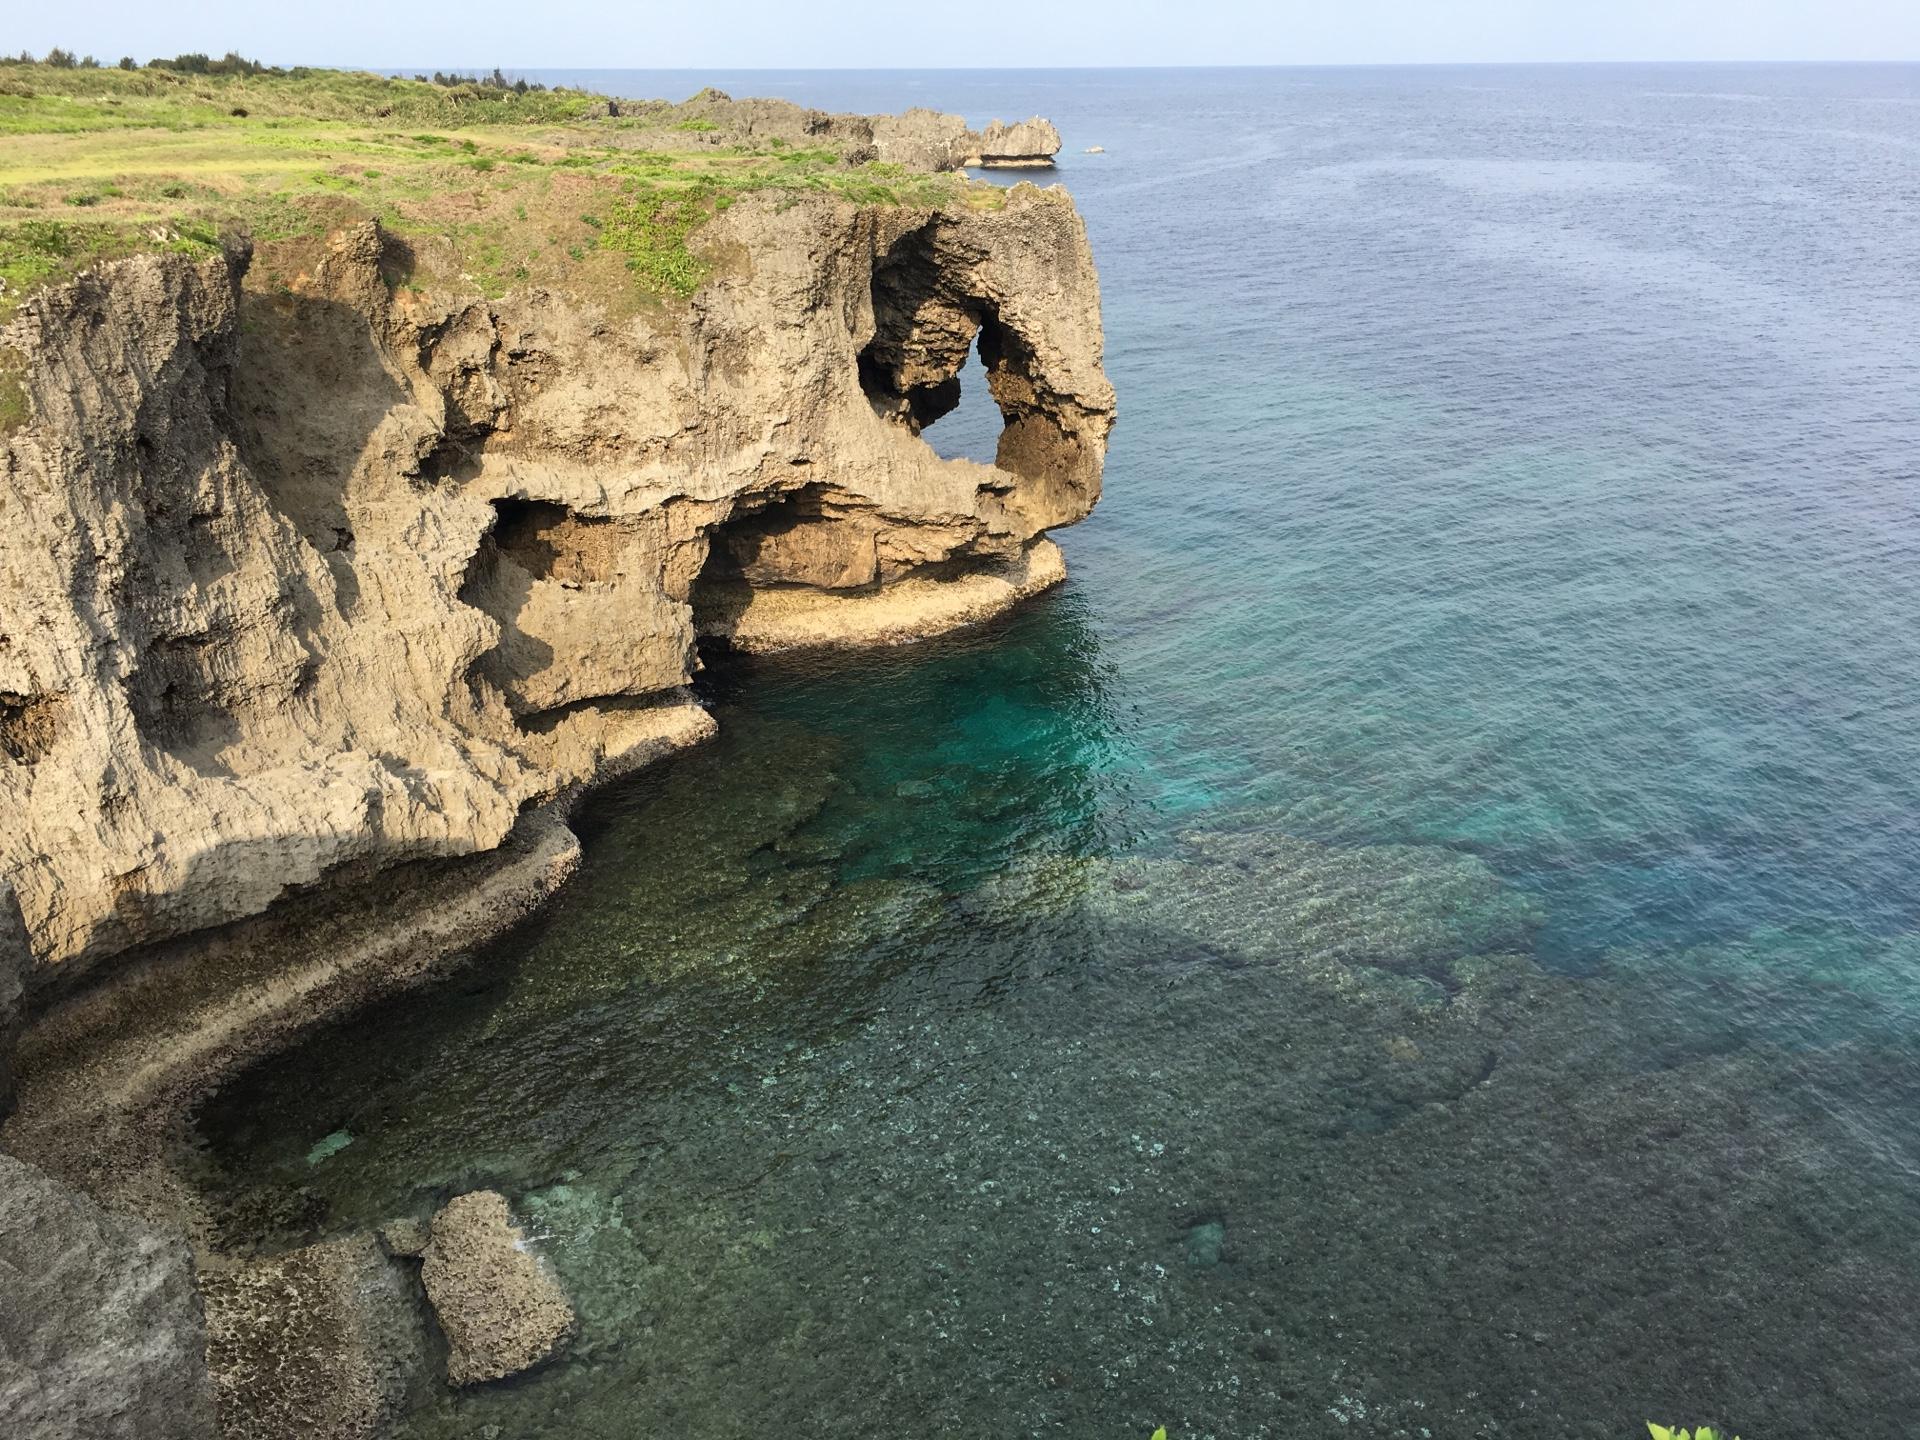 沖縄本島のリゾートエリア 恩納村【記事一覧】